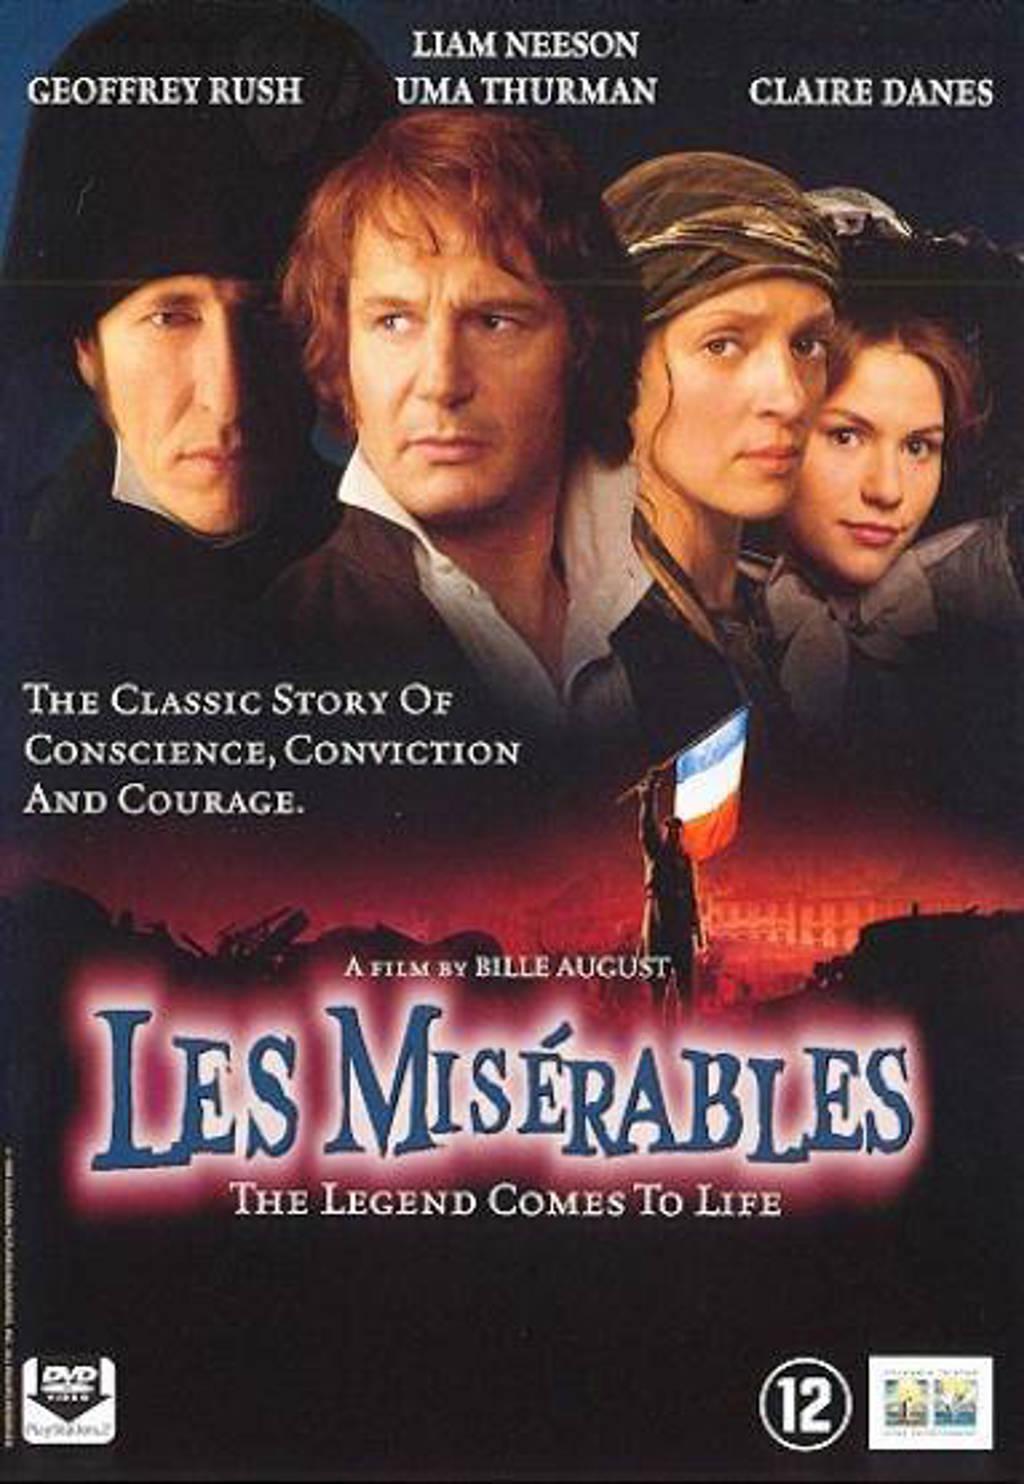 Les miserables (1998) (DVD)